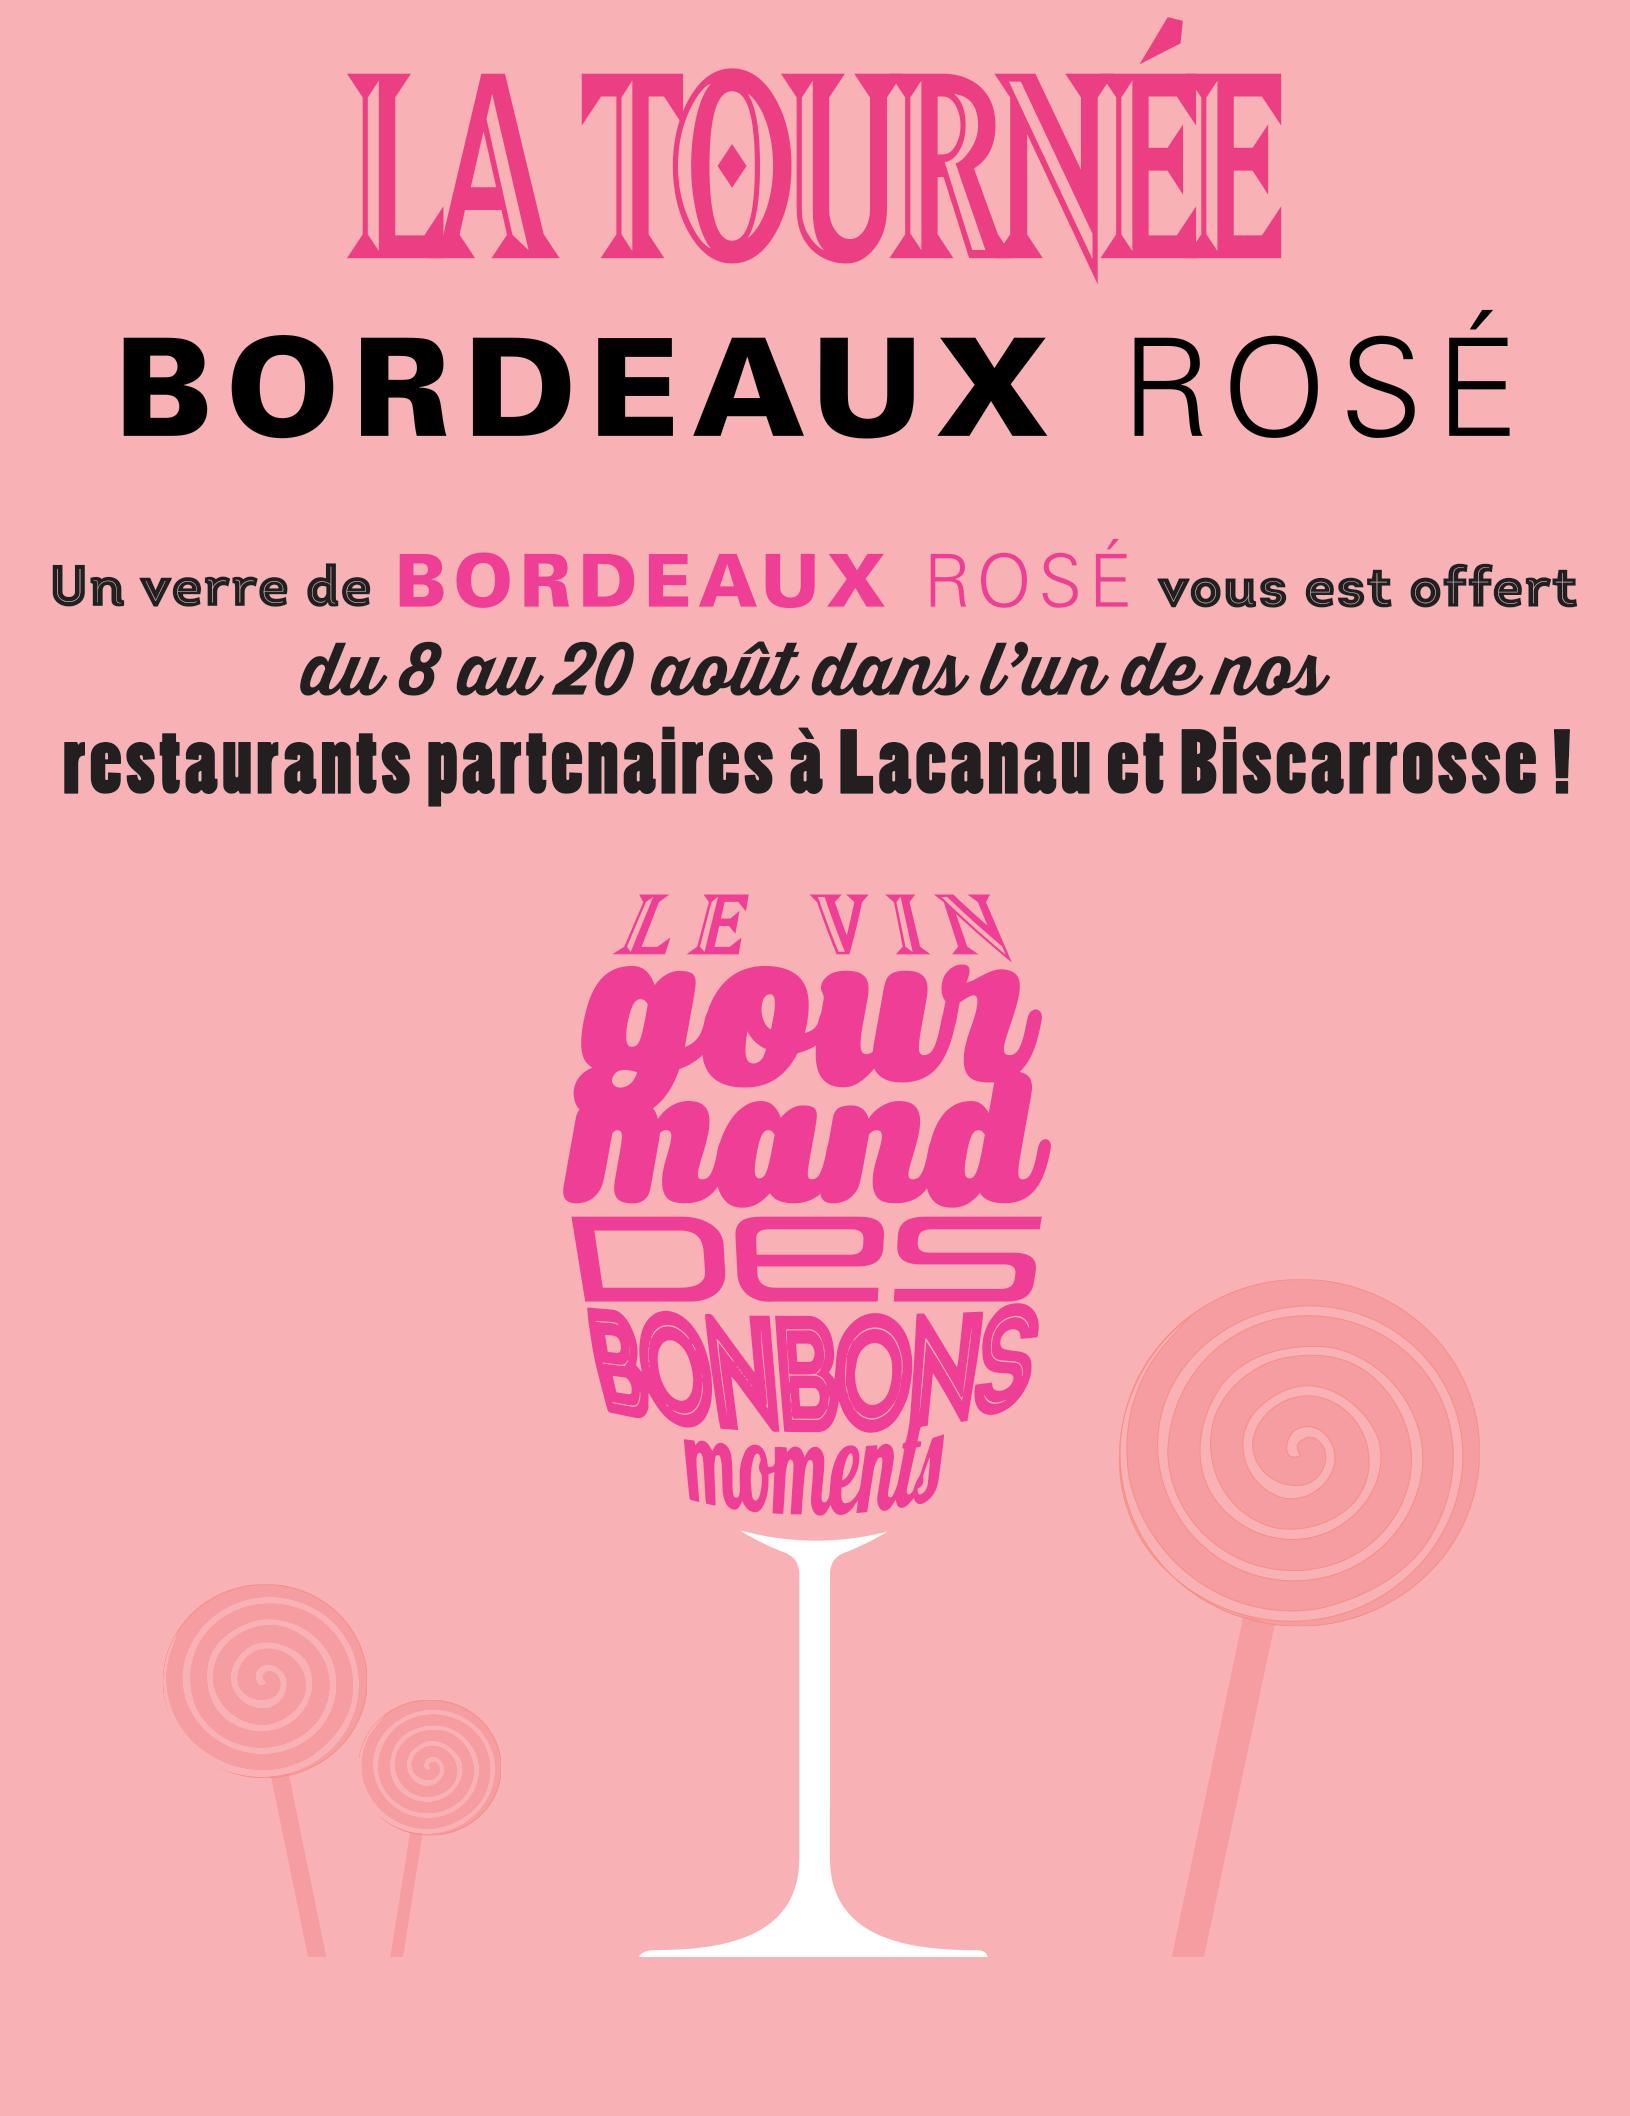 La Tournée Bordeaux rosé